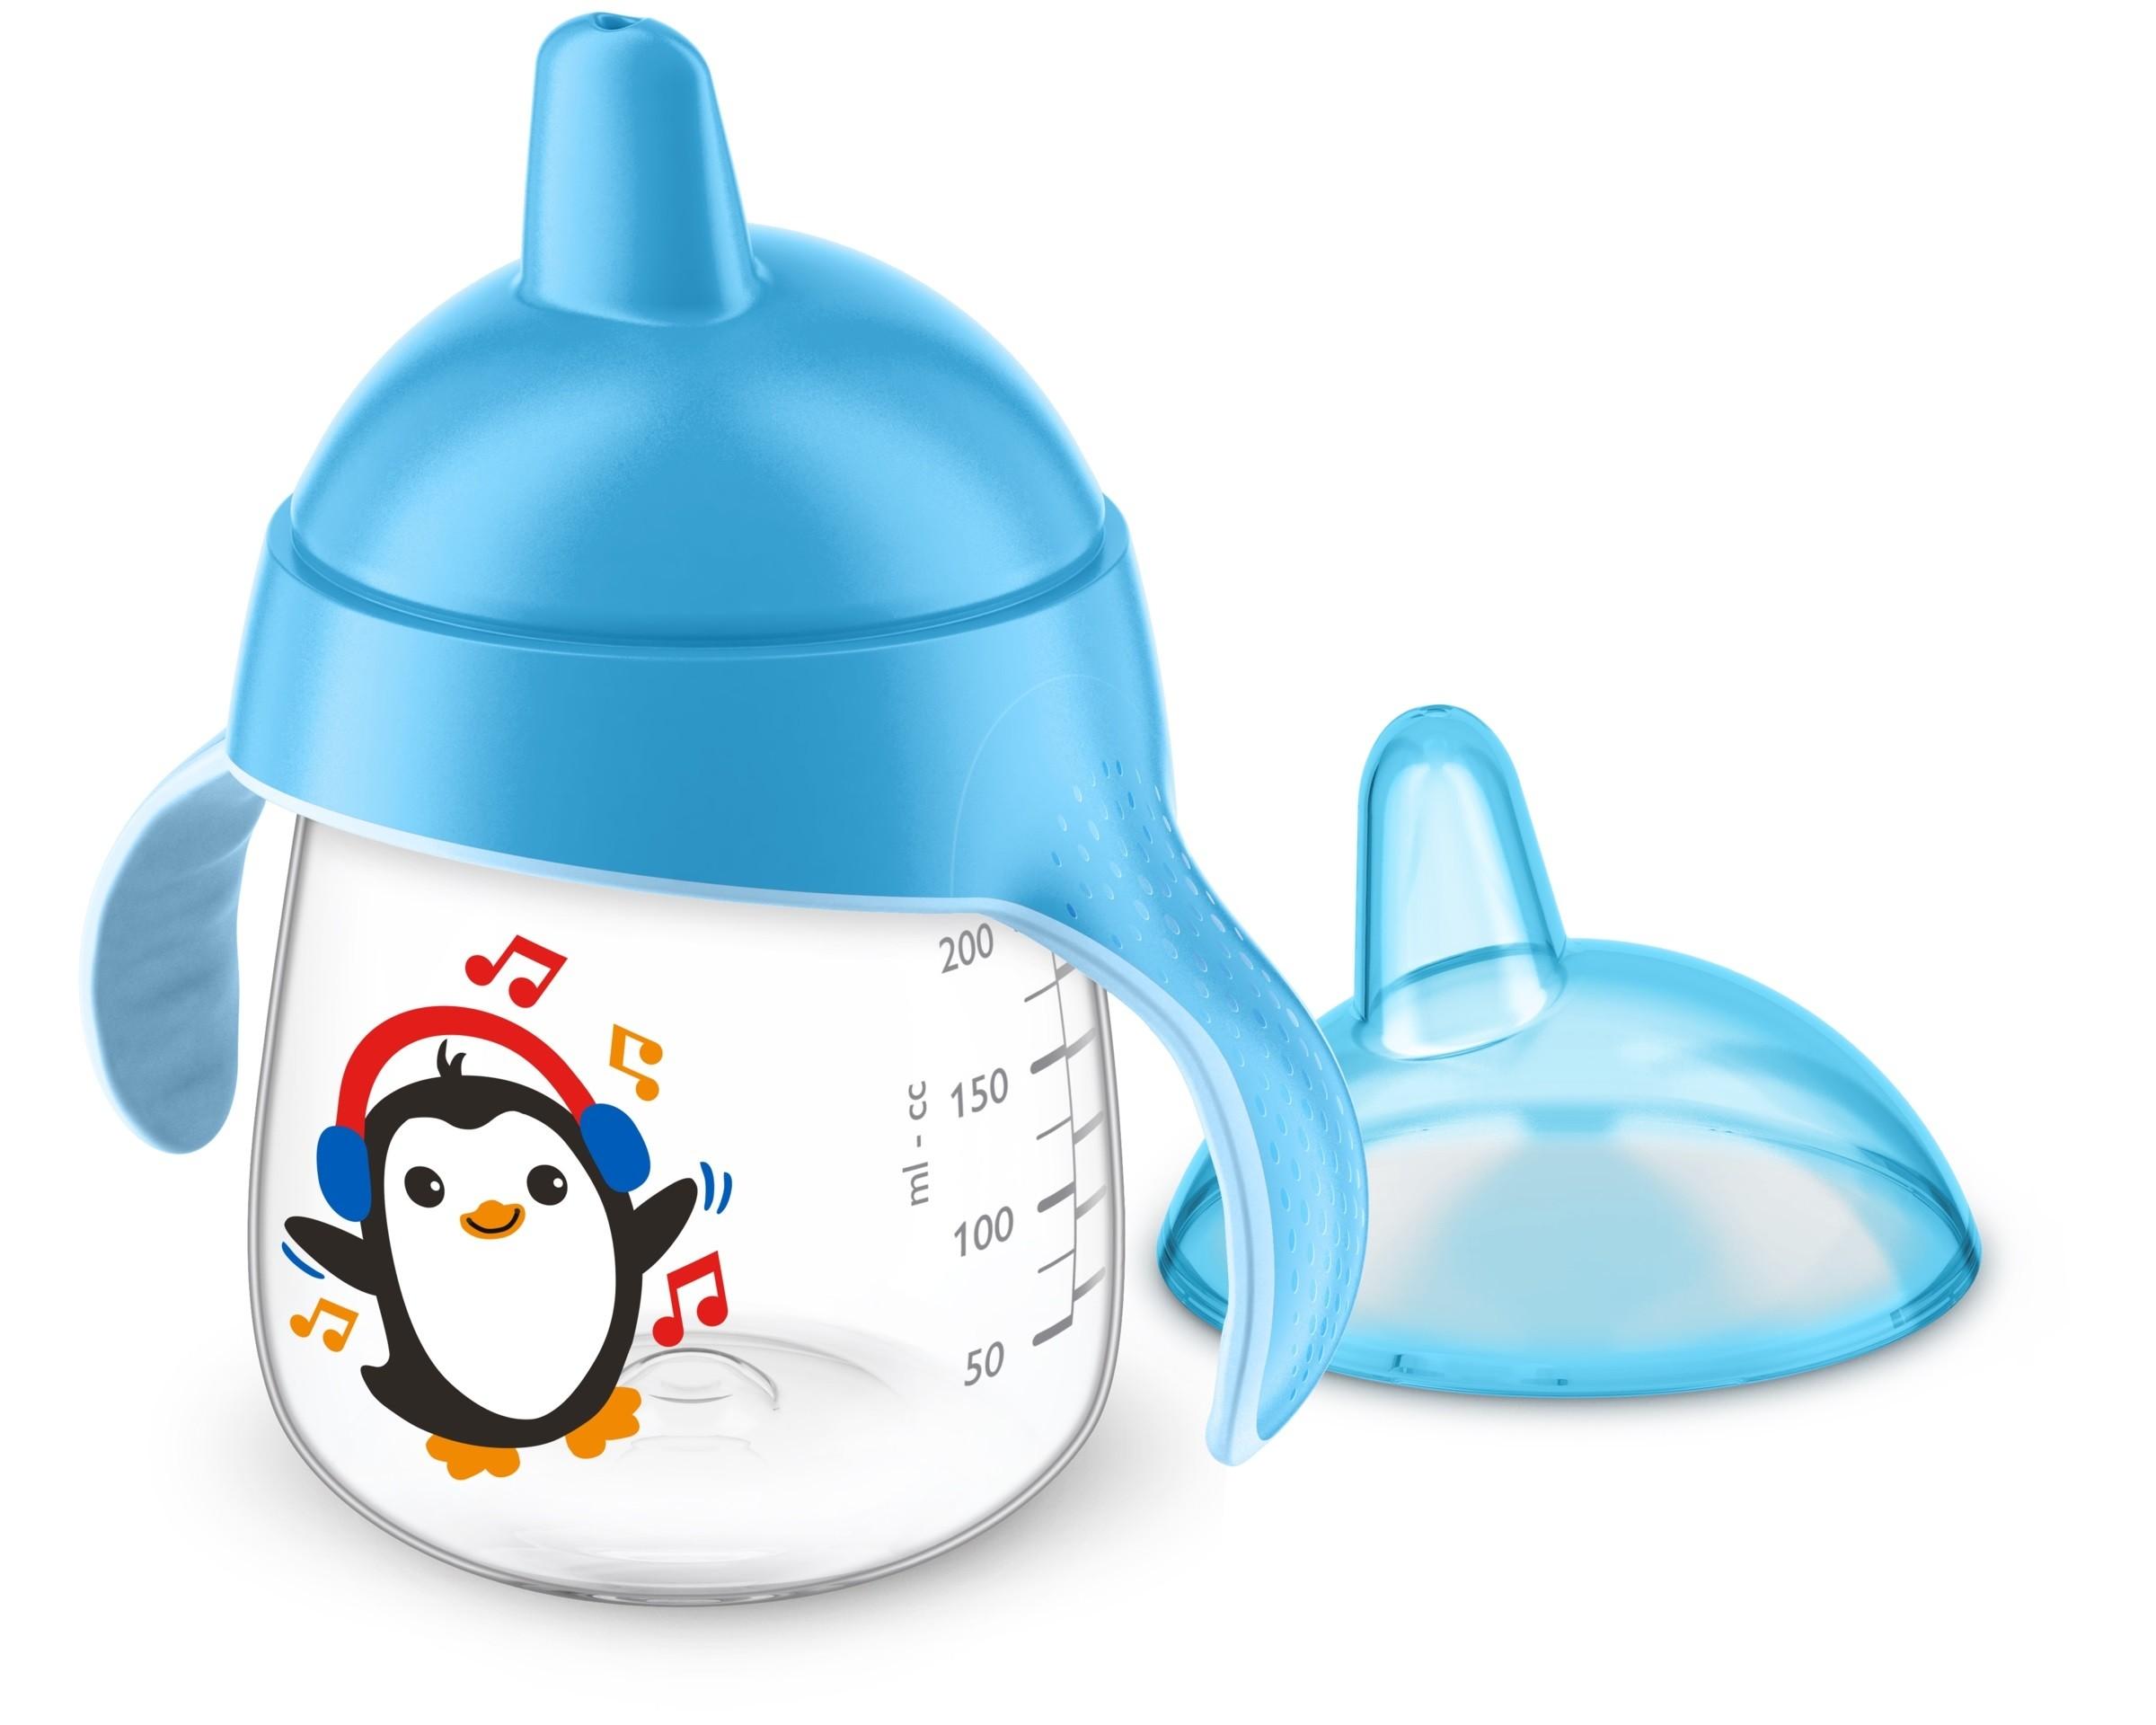 Фото - Чашки и поильники Philips AVENT SCF753_05 [супермаркет] jingdong геб scybe фил приблизительно круглая чашка установлена в вертикальном положении стеклянной чашки 290мла 6 z